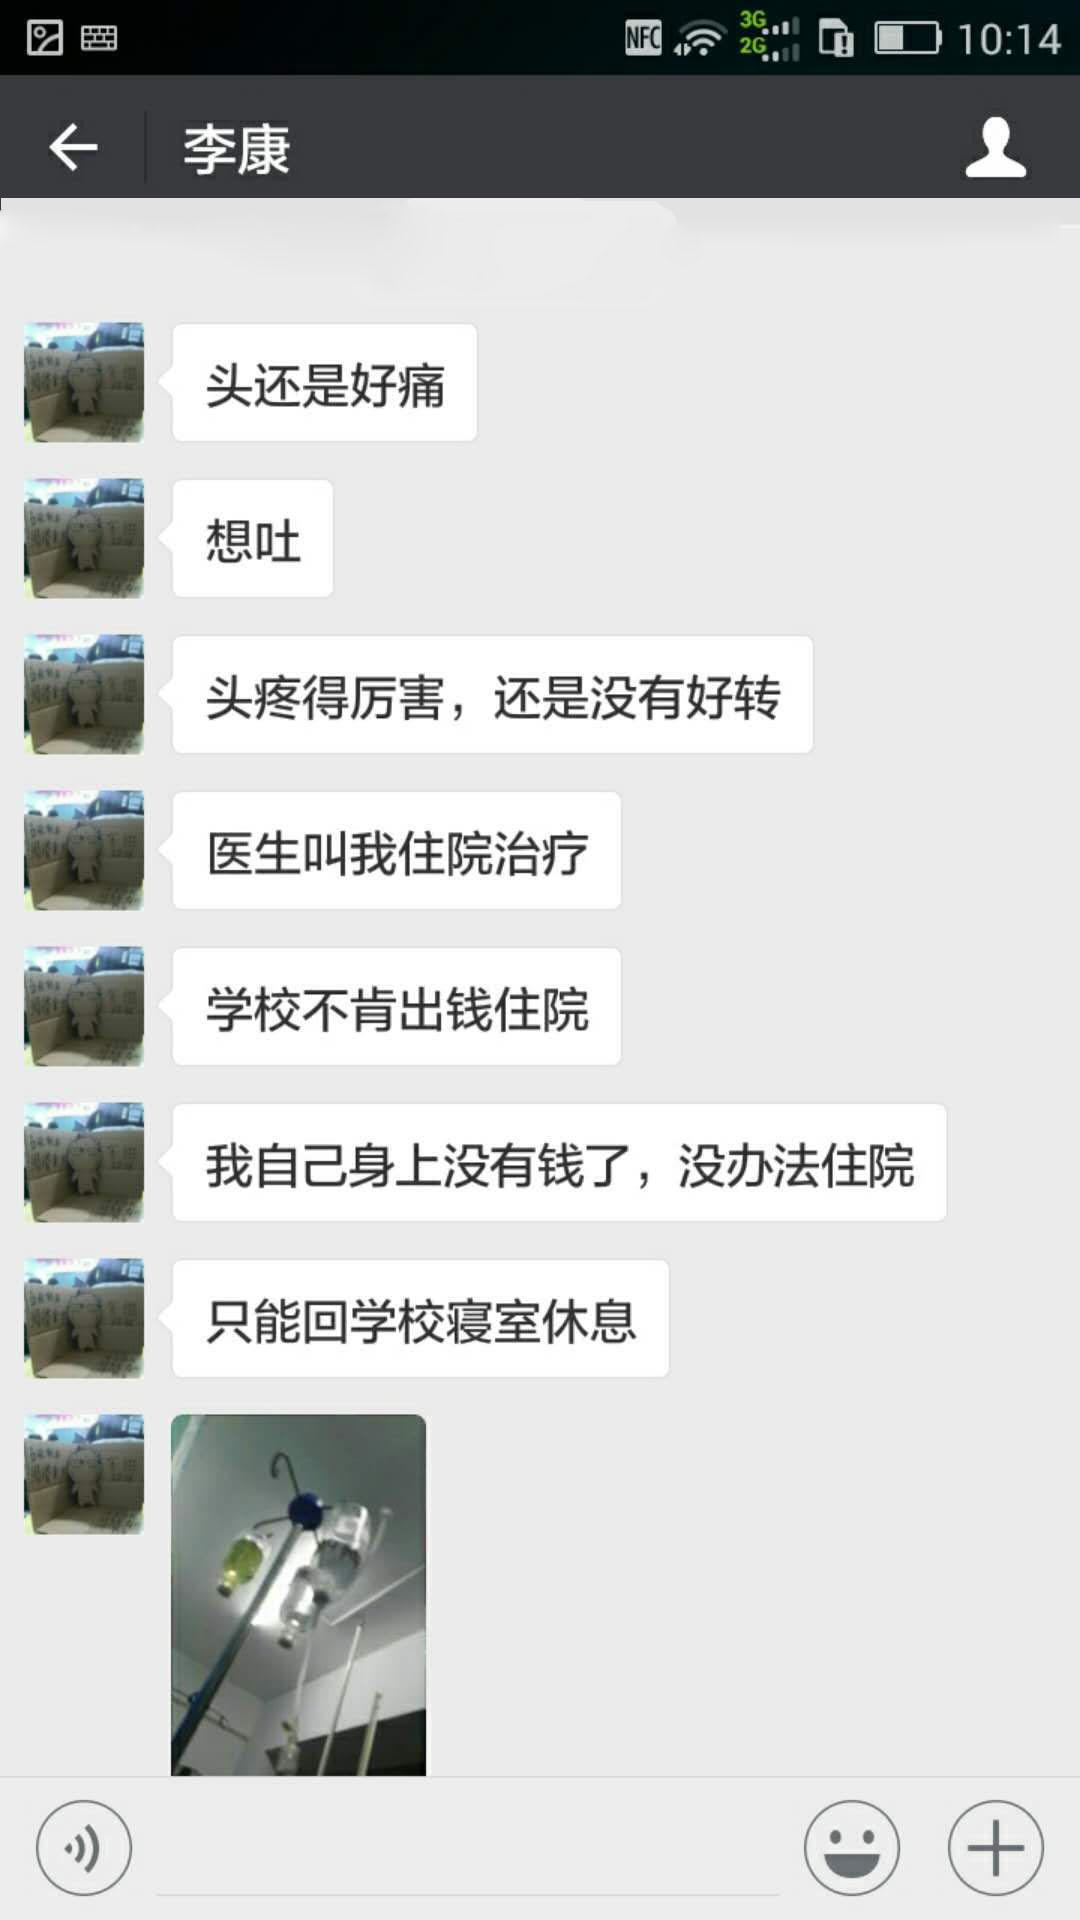 反映长沙市承萌音乐艺校违法违规问题(多图)